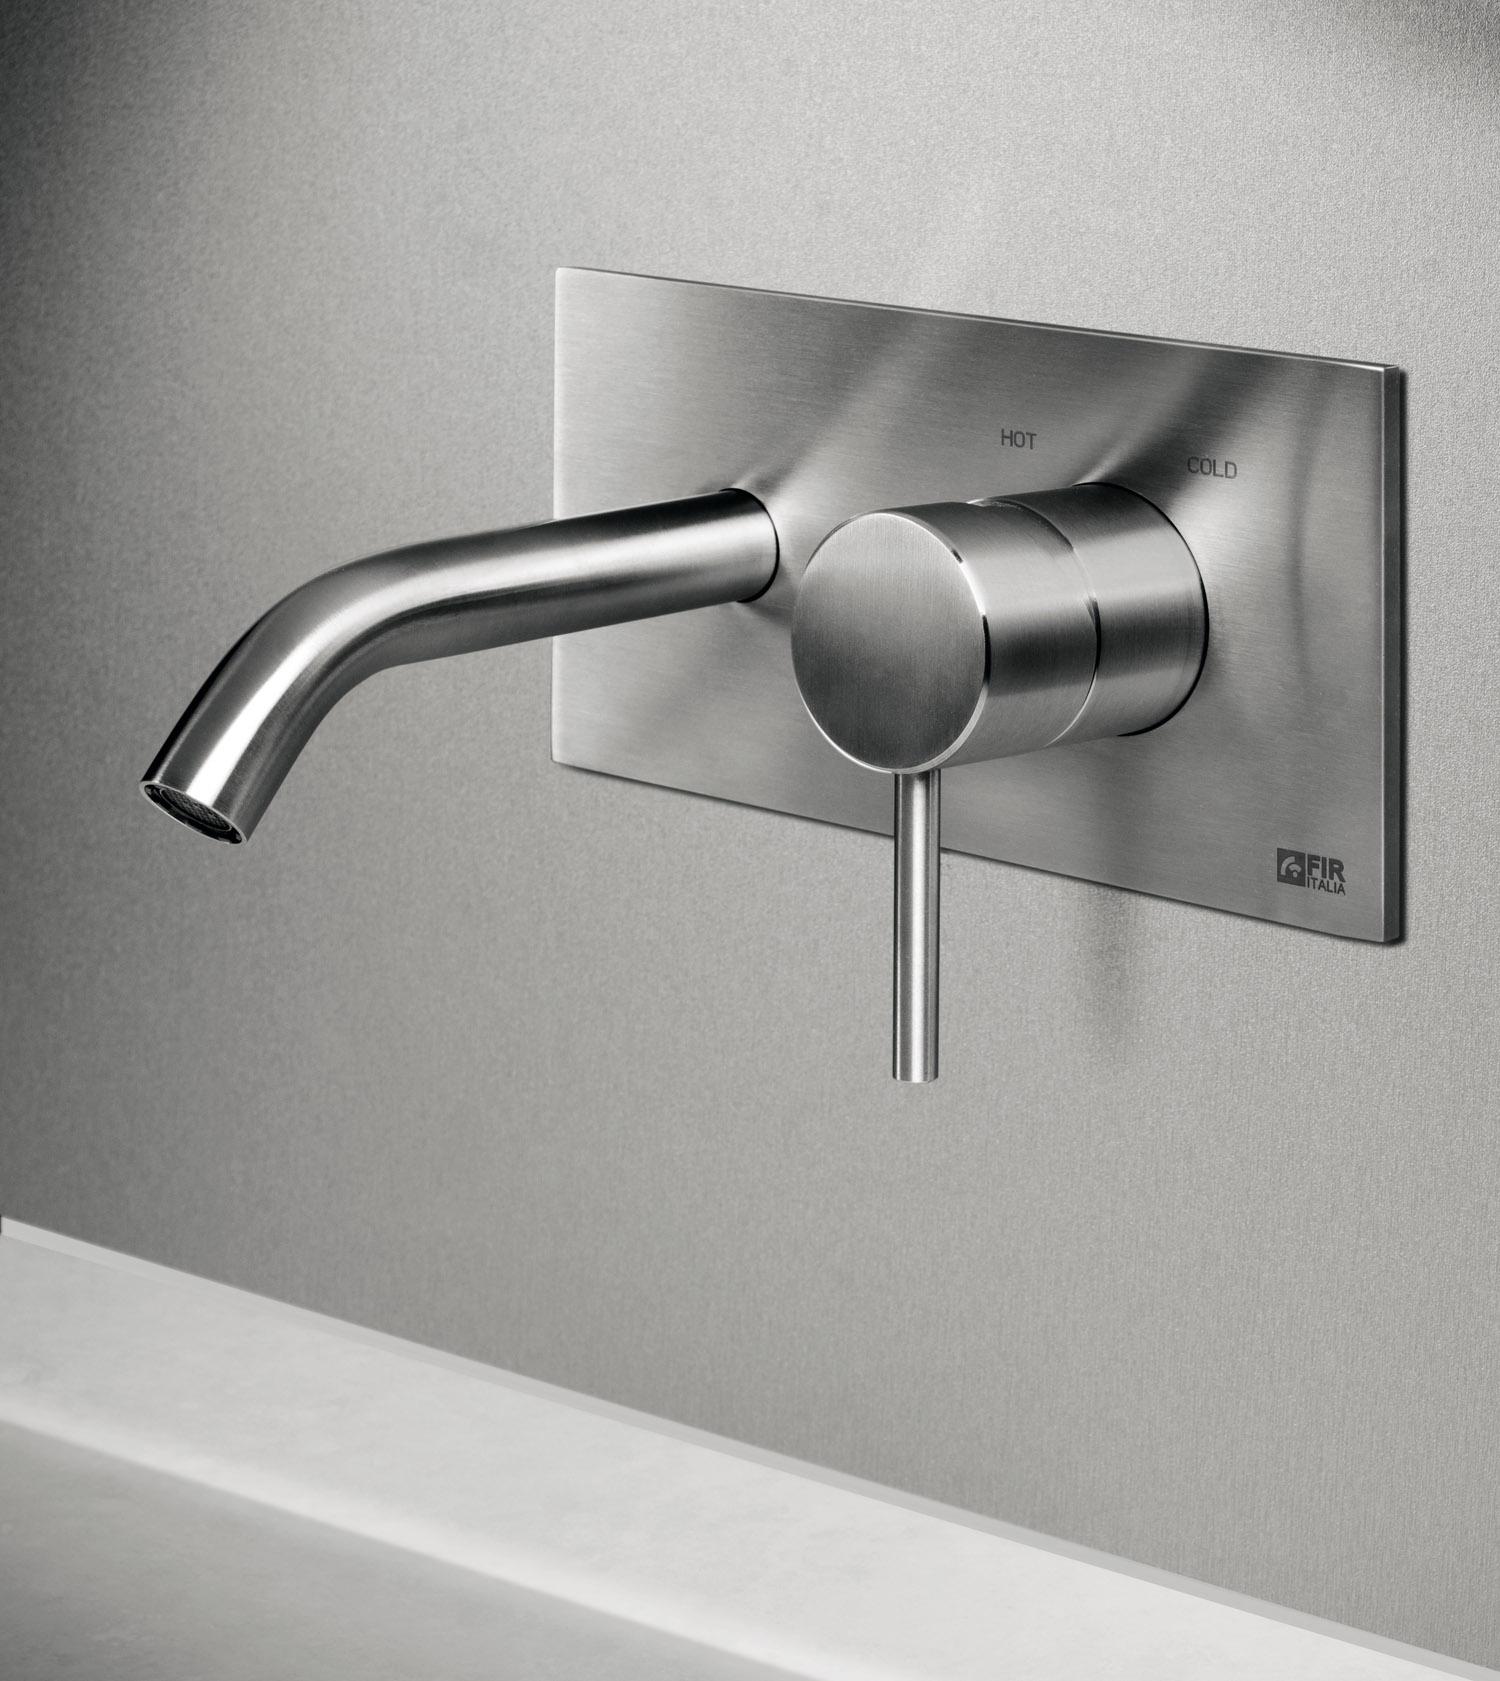 Rubinetterie e soffioni doccia in acciaio inossidabile aisi 316l cleosteel di fir italia - Rubinetto a parete bagno ...